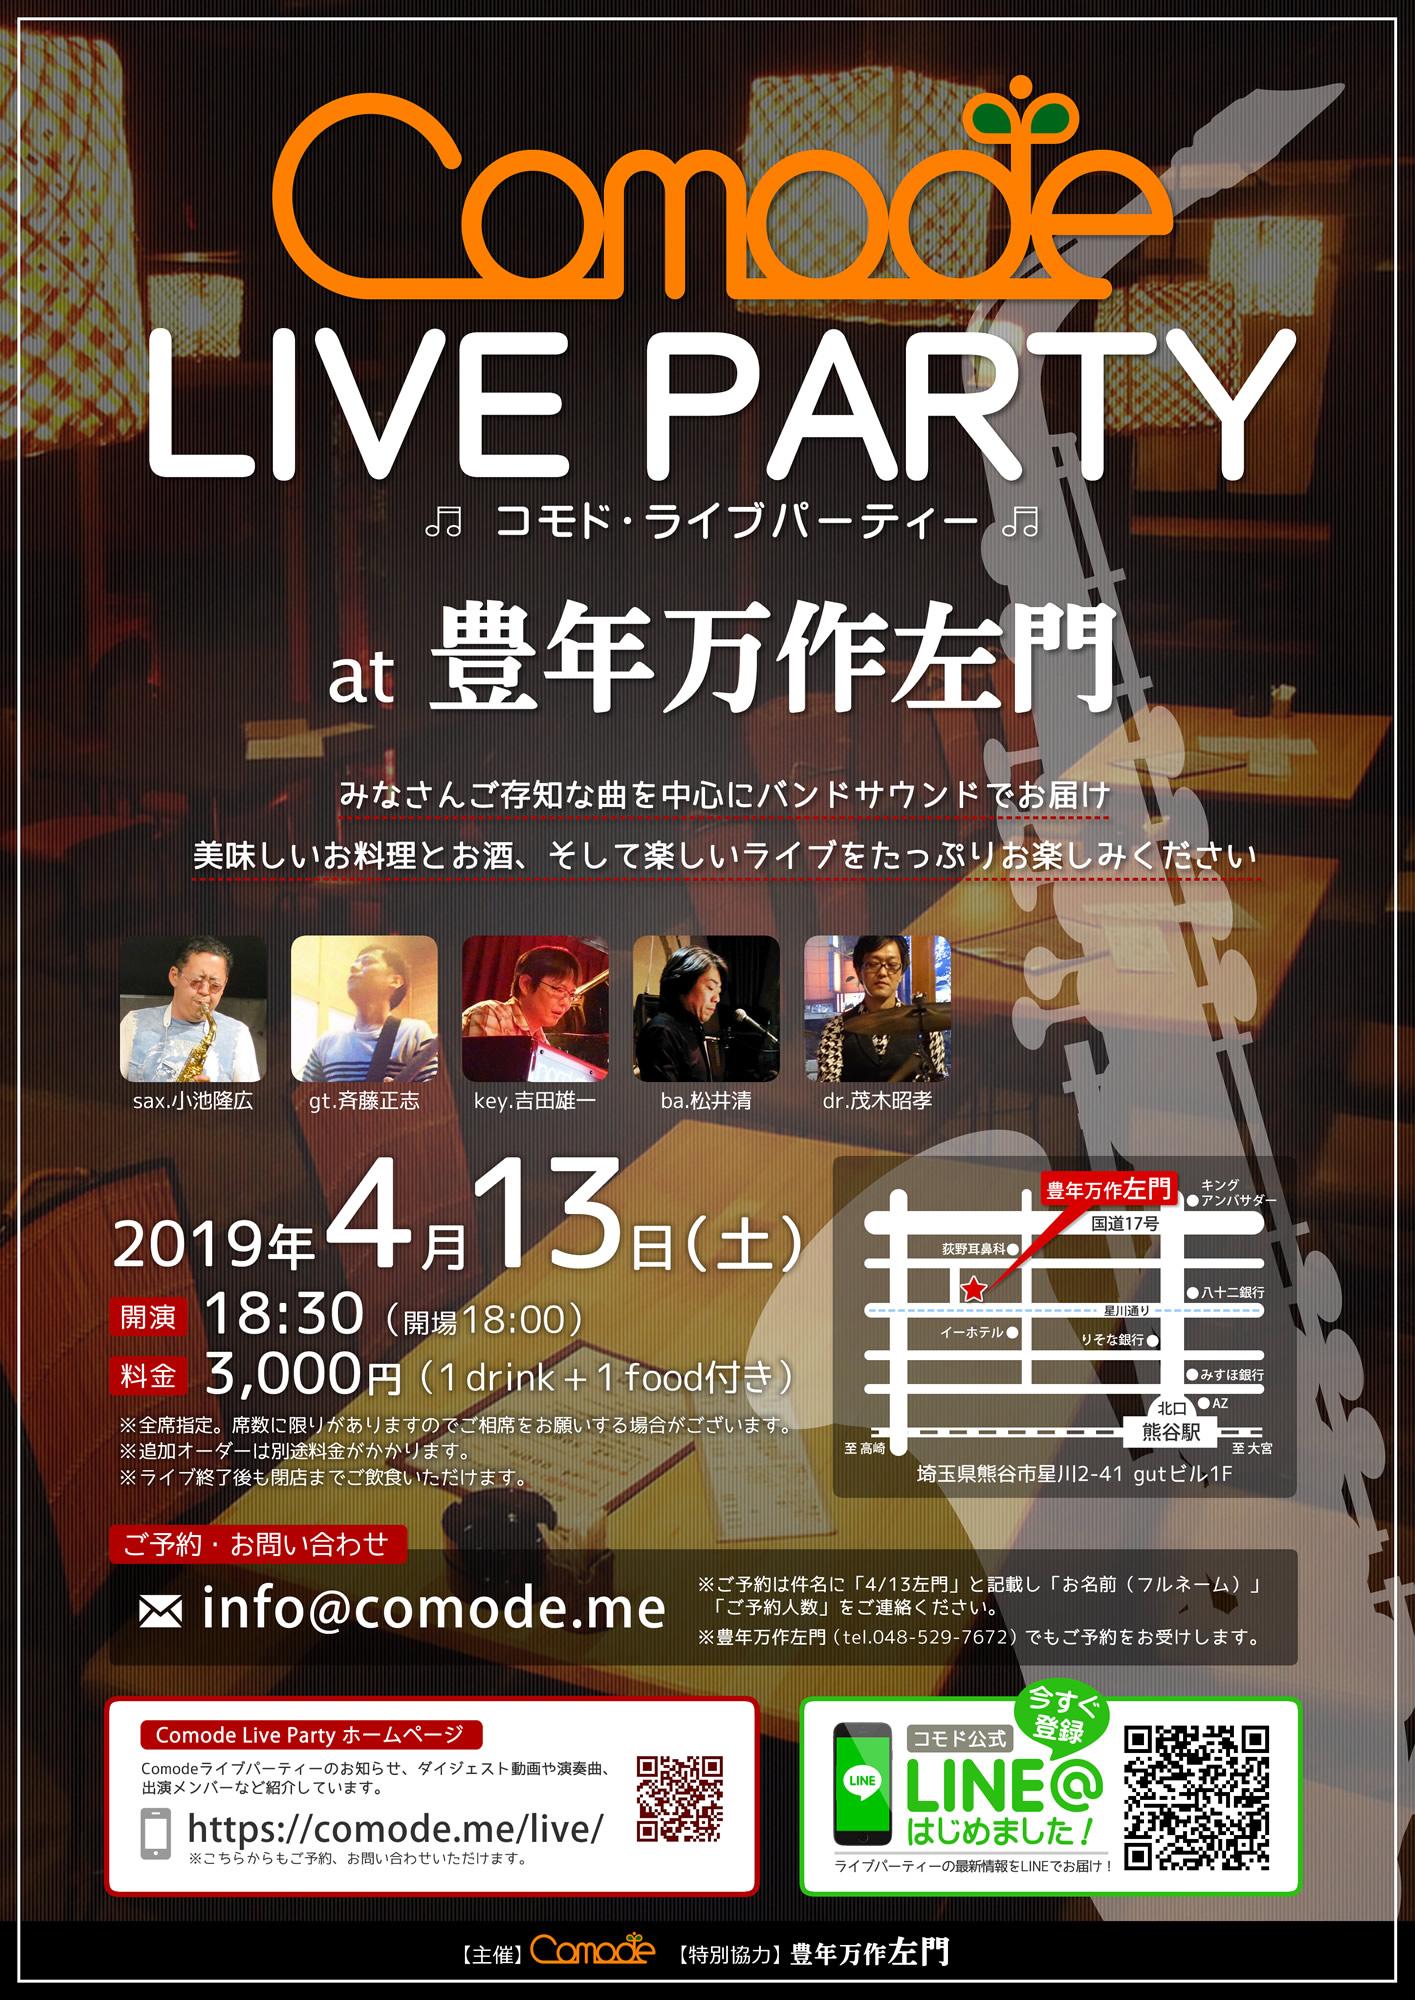 """4月13日 Comodeミニライブパーティー at 豊年万作左門"""" height="""